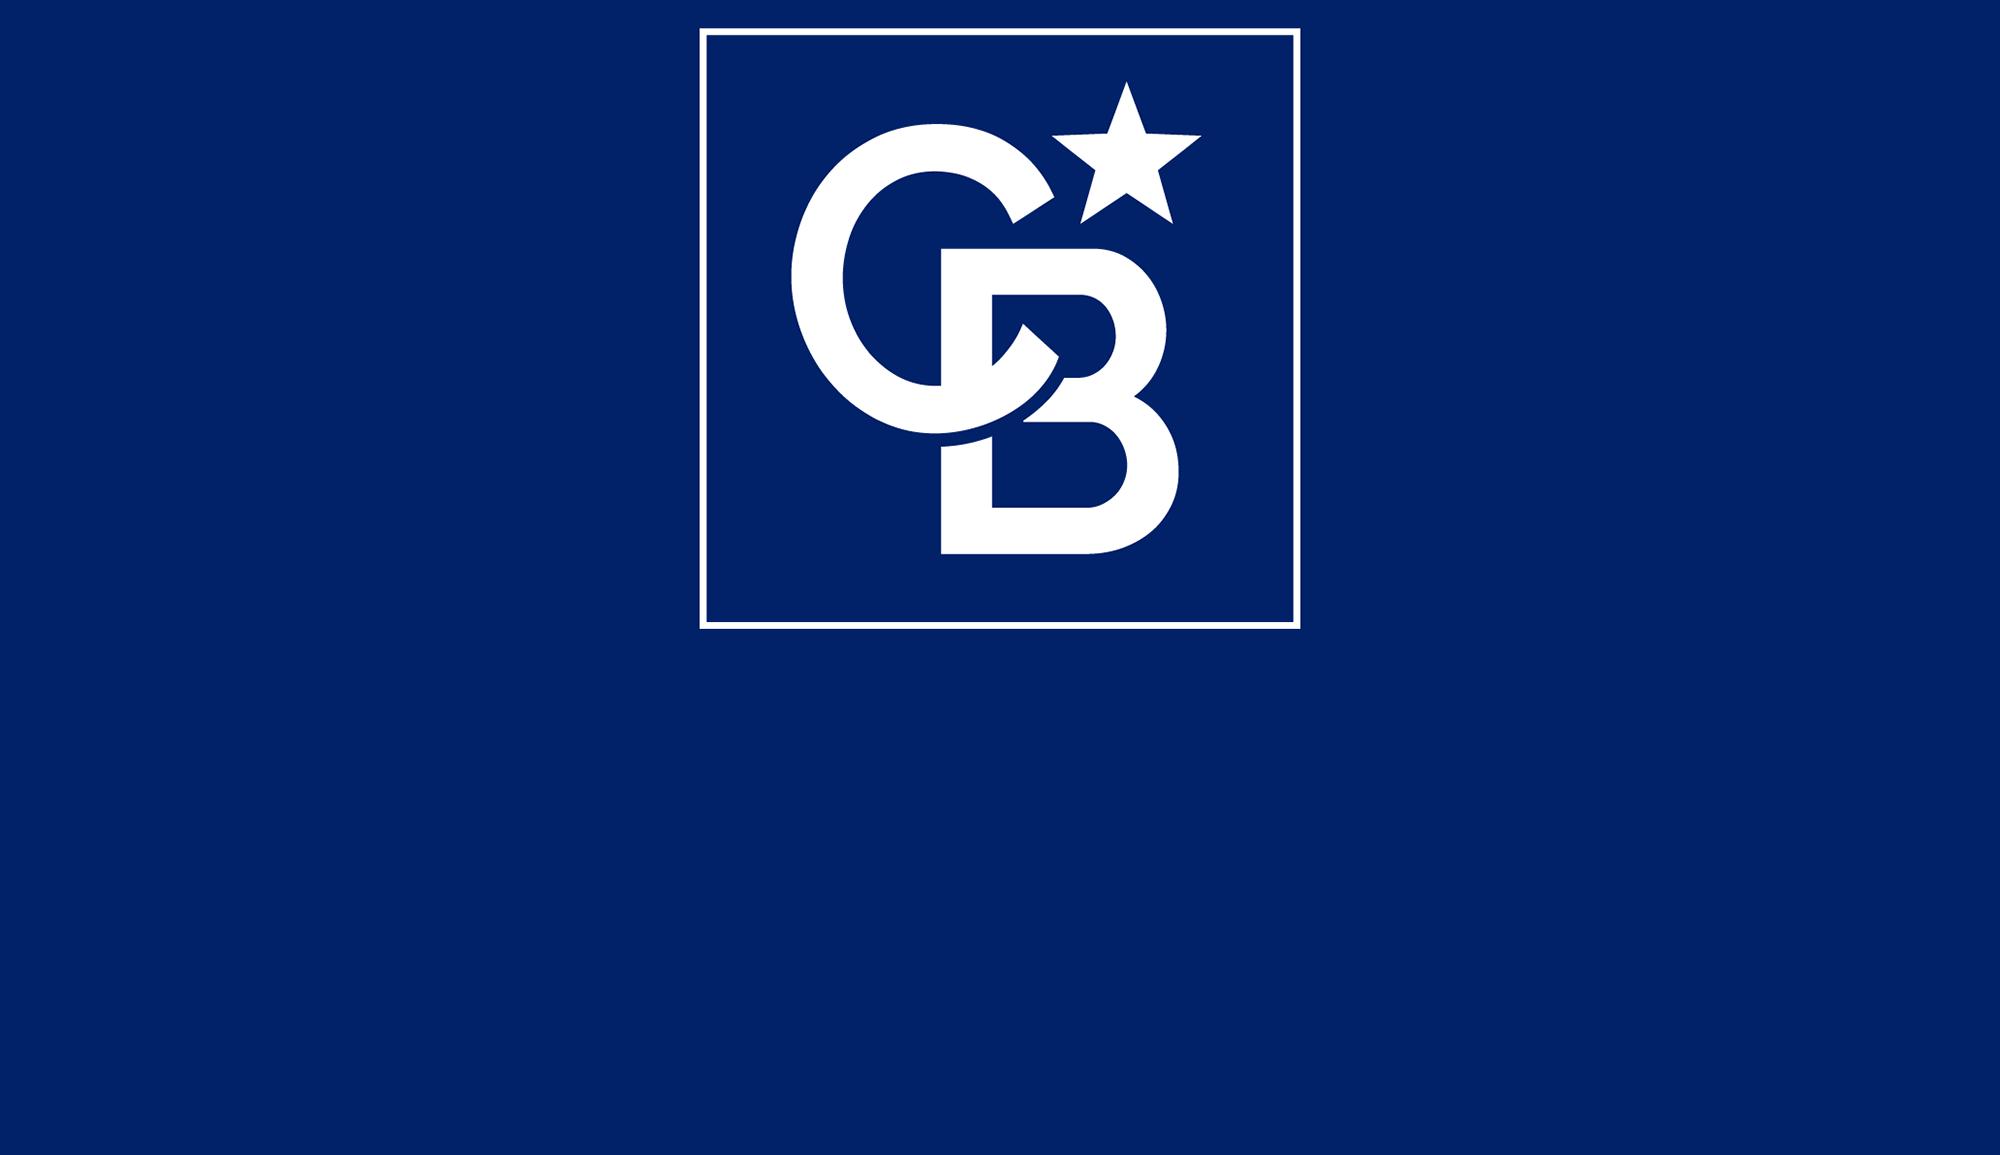 Penny Brecht - Coldwell Banker Weir Manuel Hoppough Logo